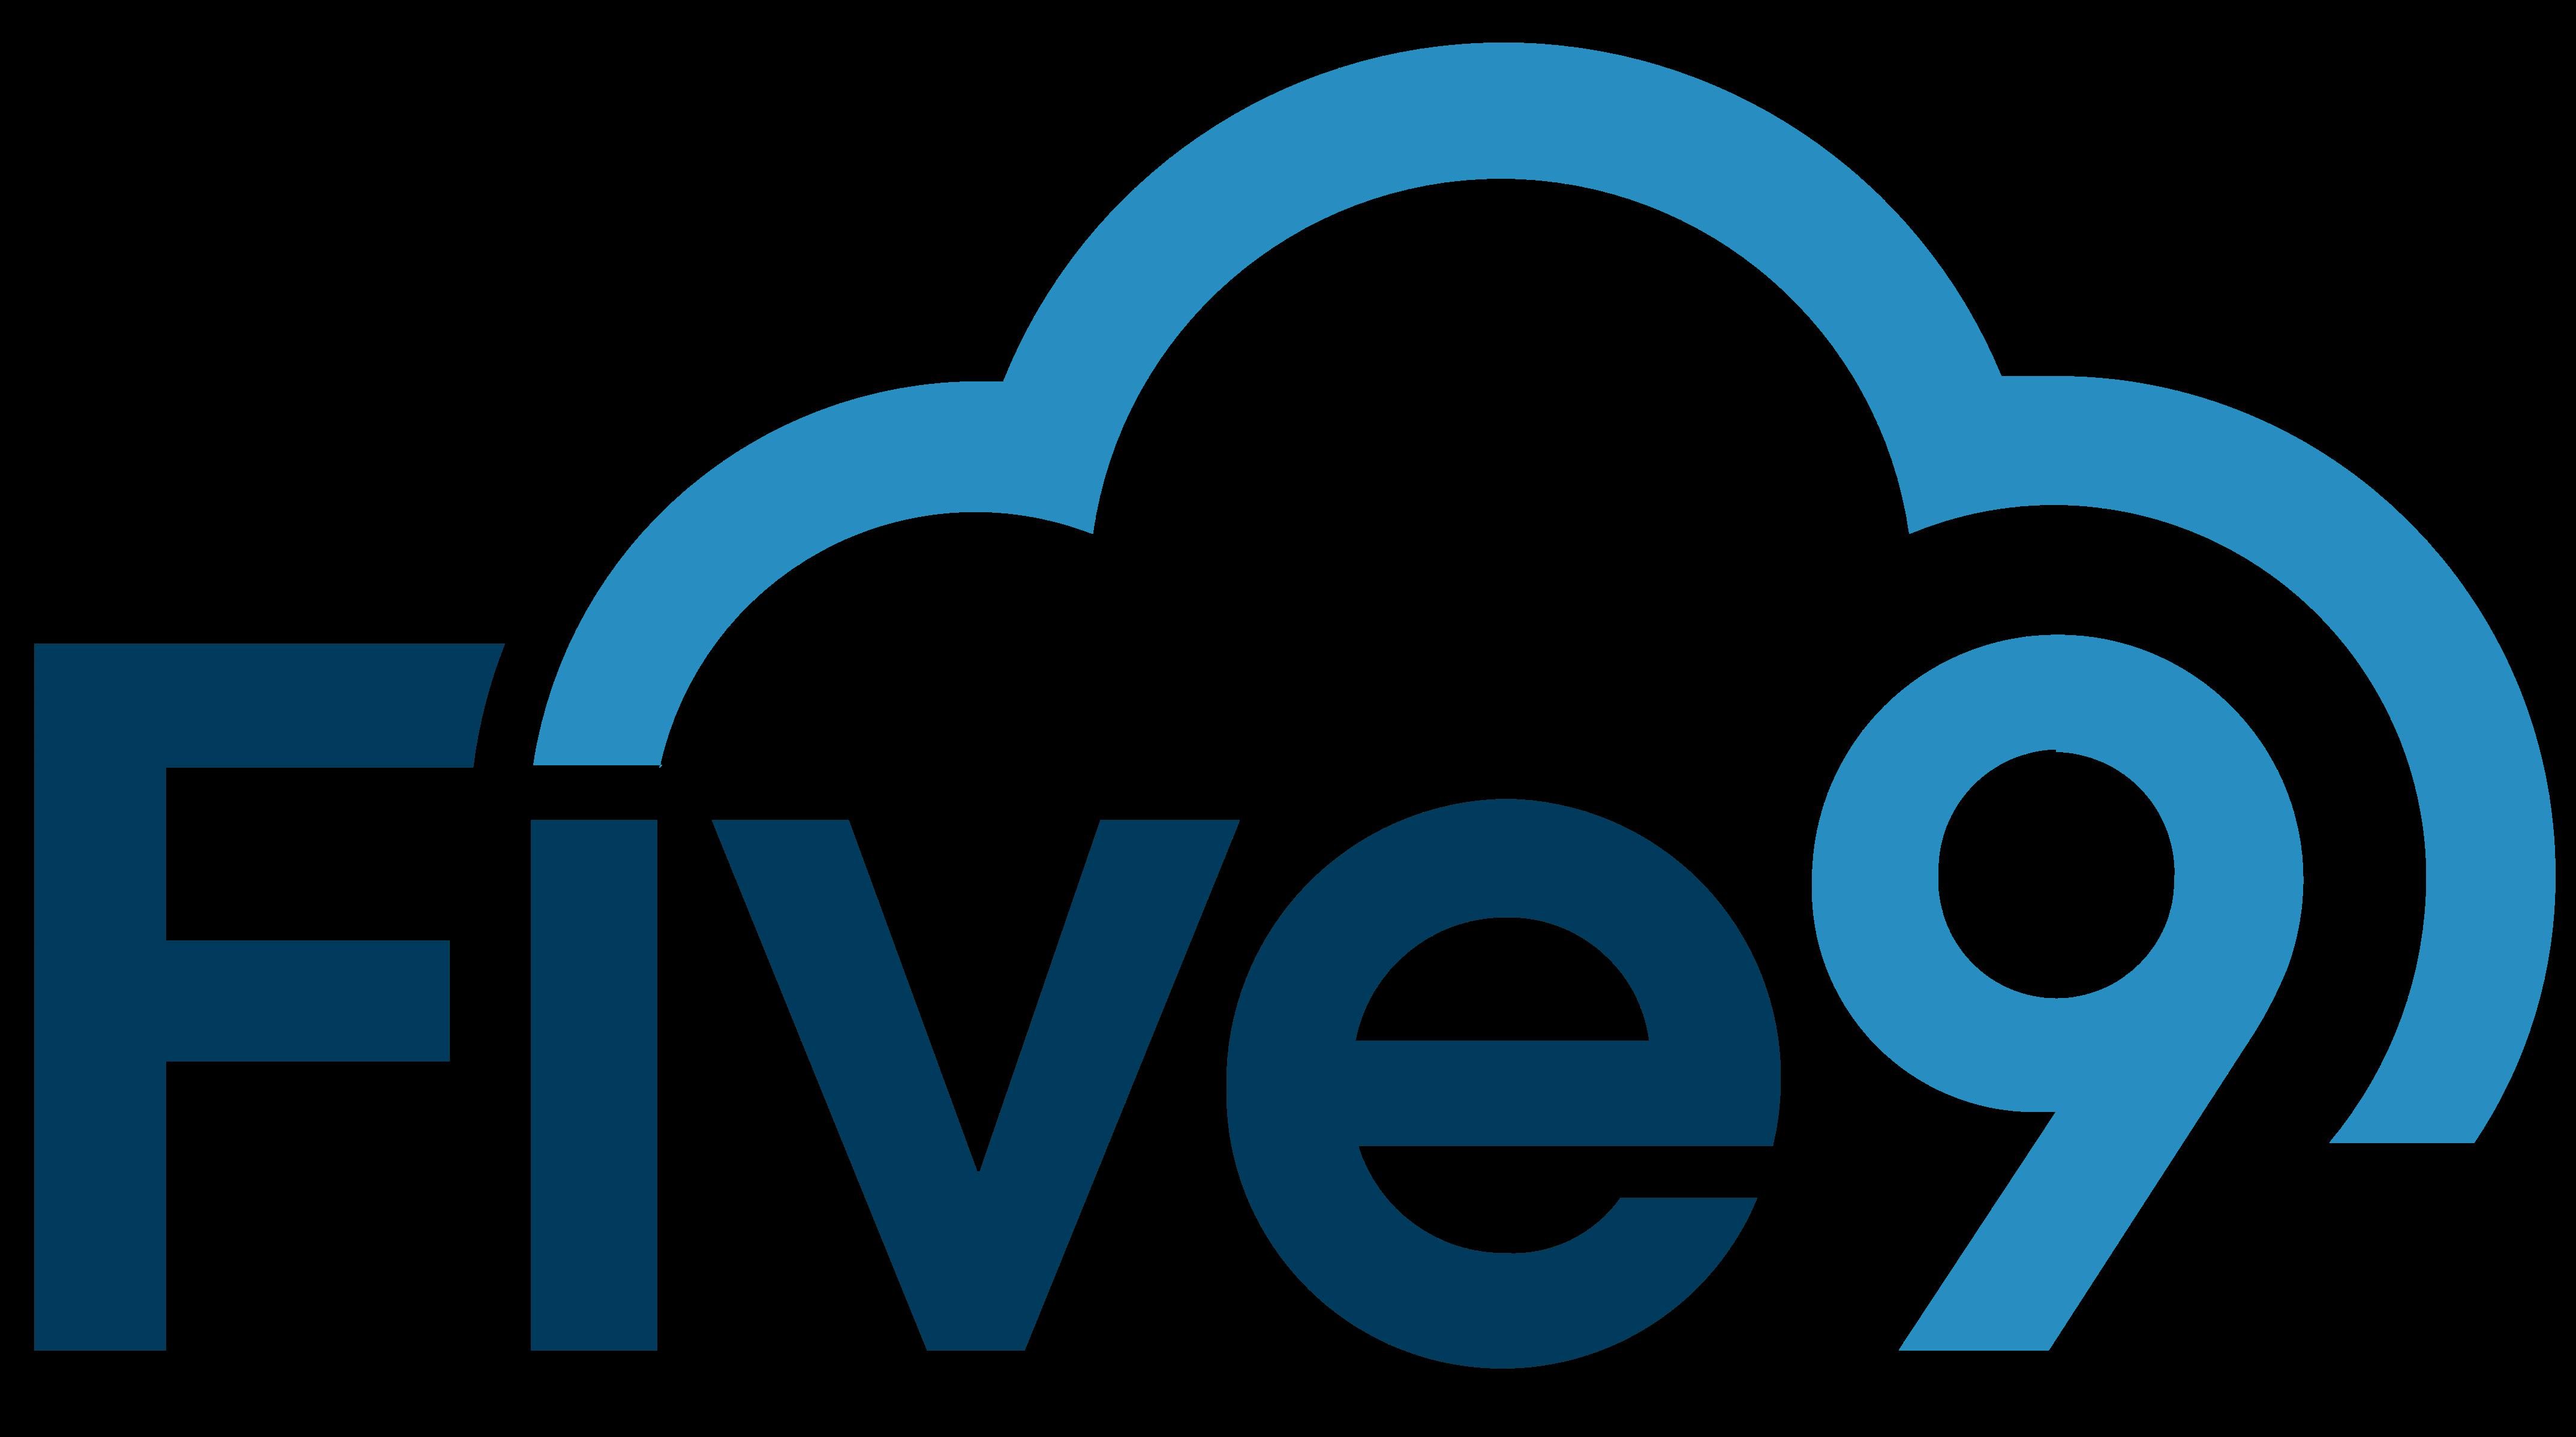 vesuvitas_Five9_logo_Five_9